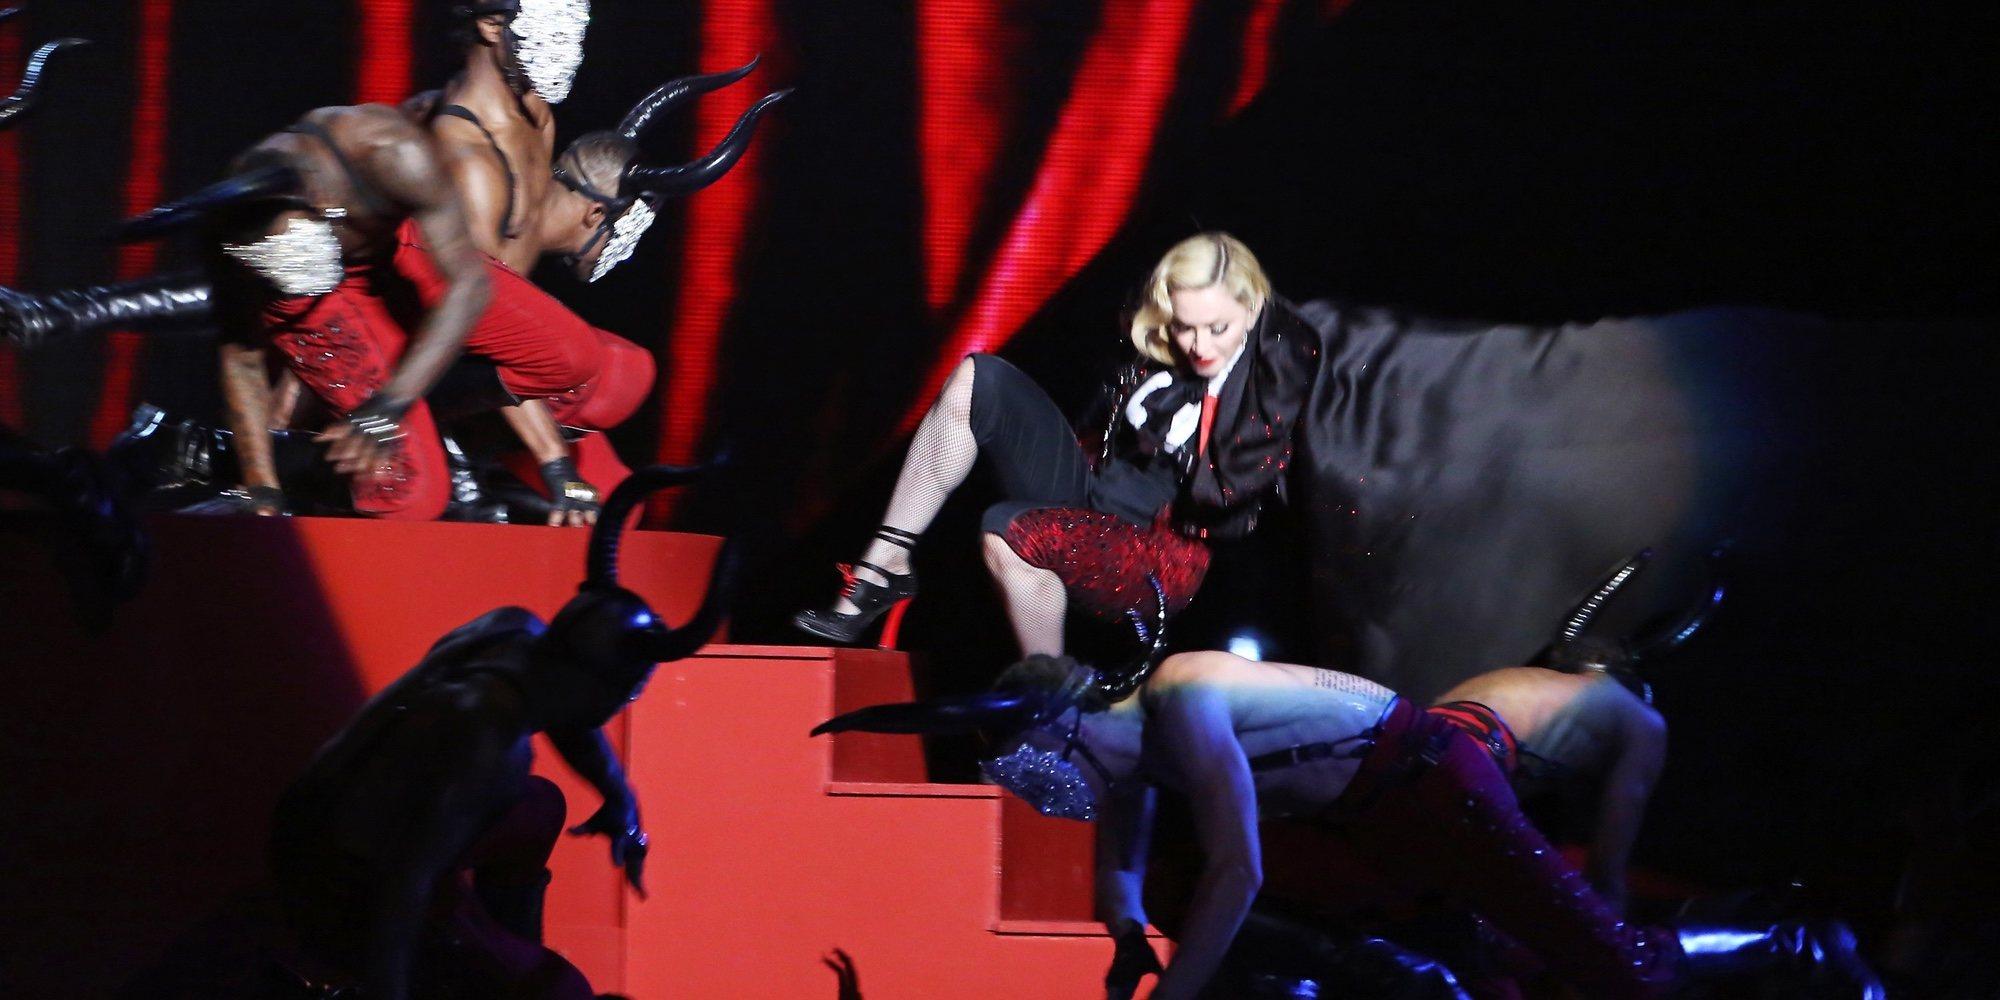 Caídas de cantantes: el día que las estrellas acabaron por los suelos en pleno concierto